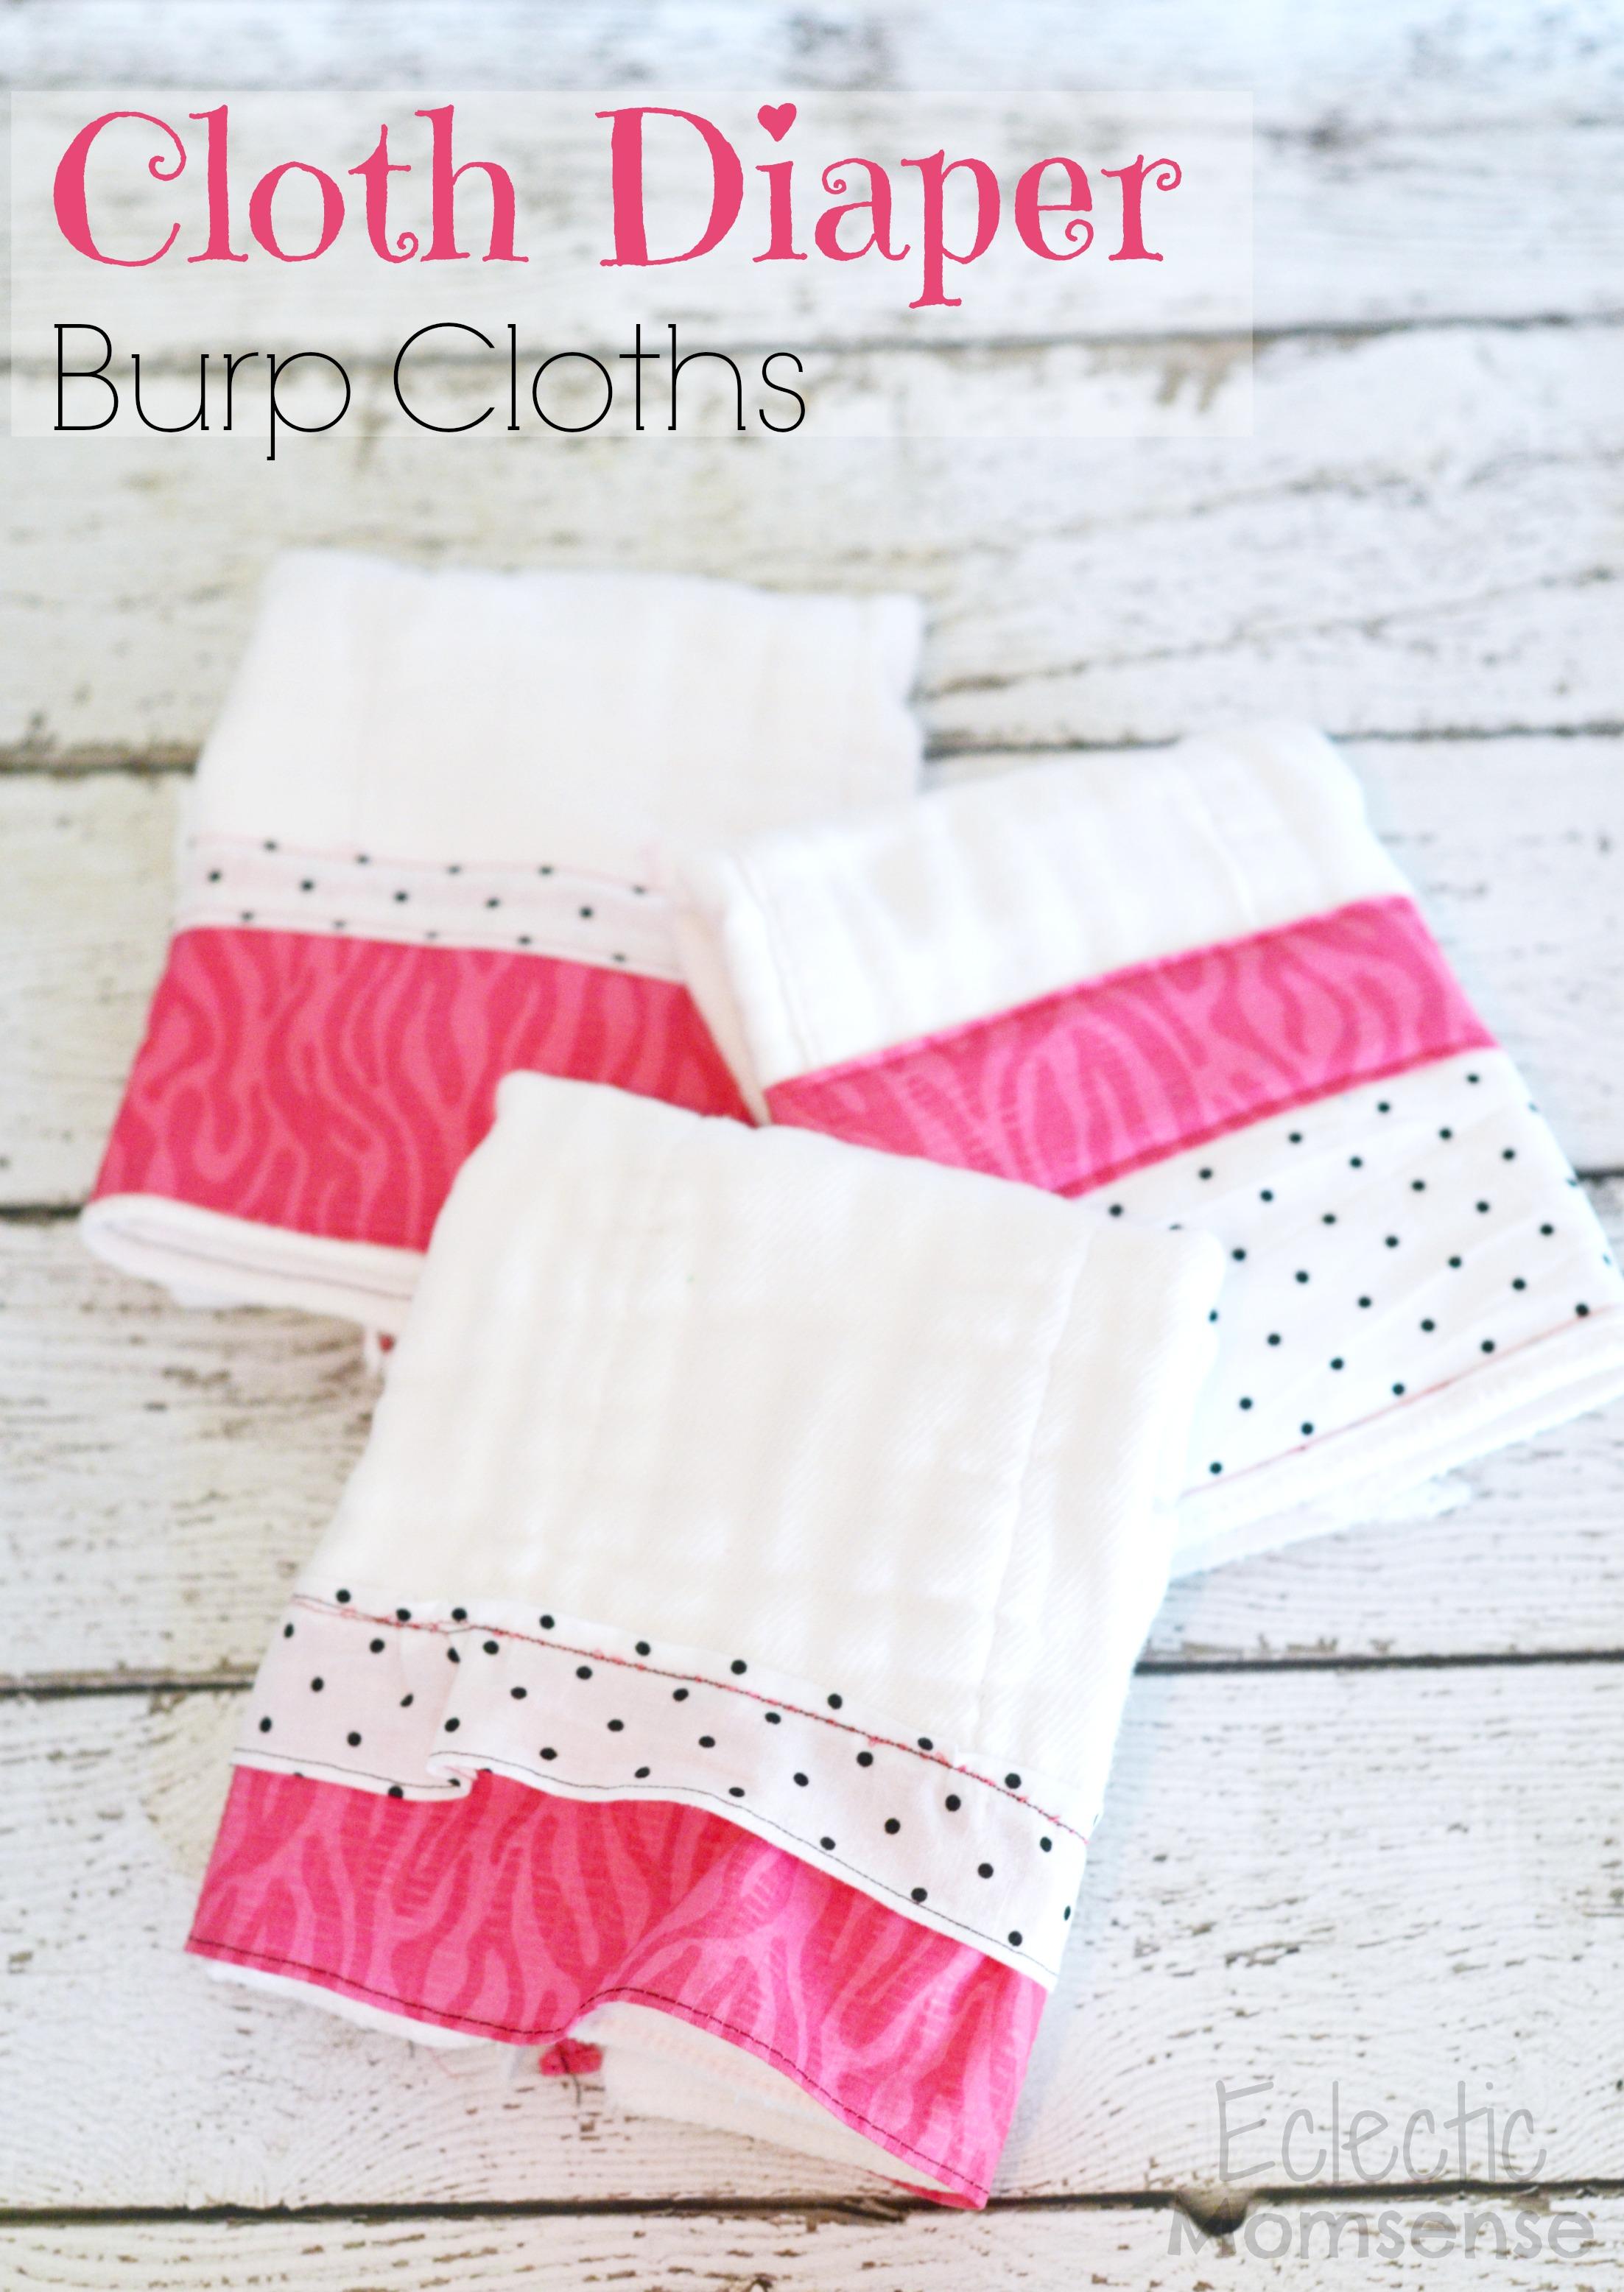 Cloth Diaper Burp Cloths Eclectic Momsense